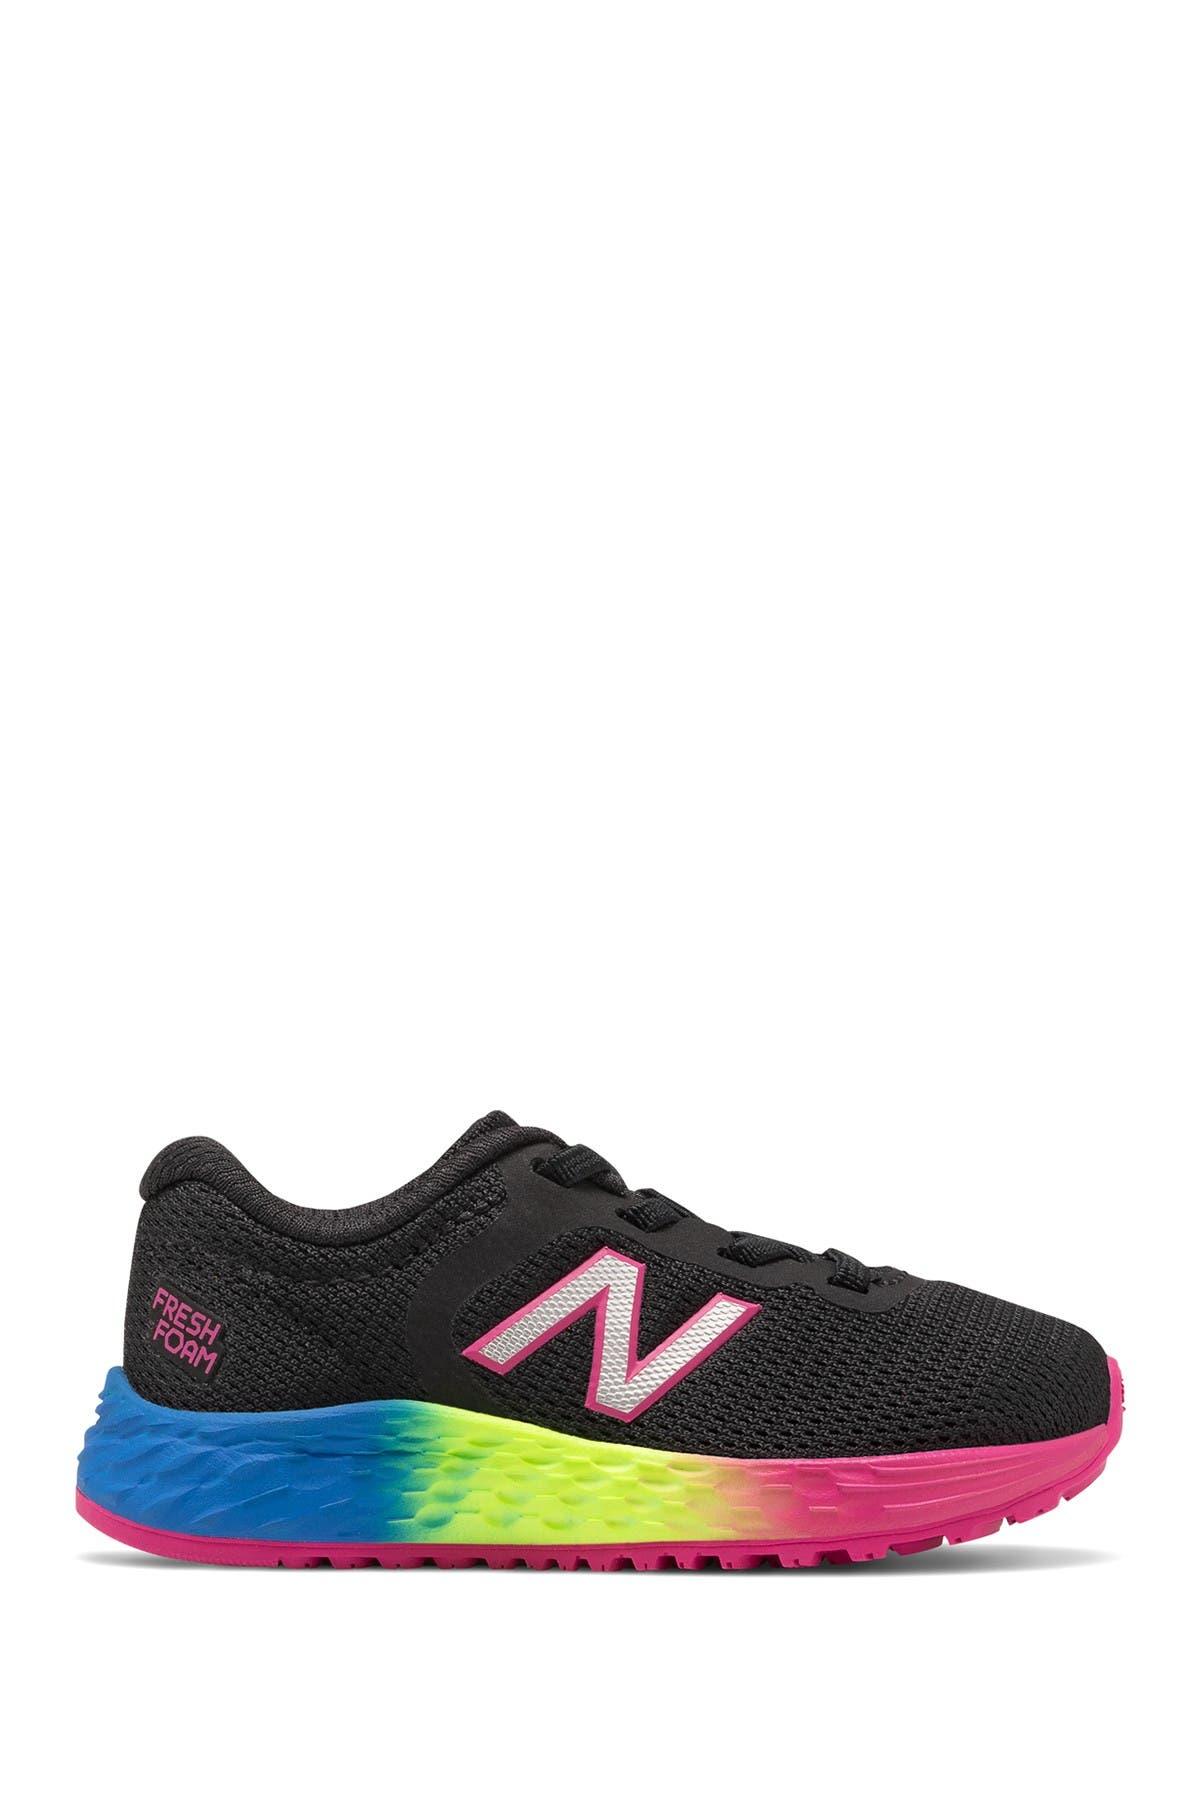 Image of New Balance Arivshi V2 Running Shoe